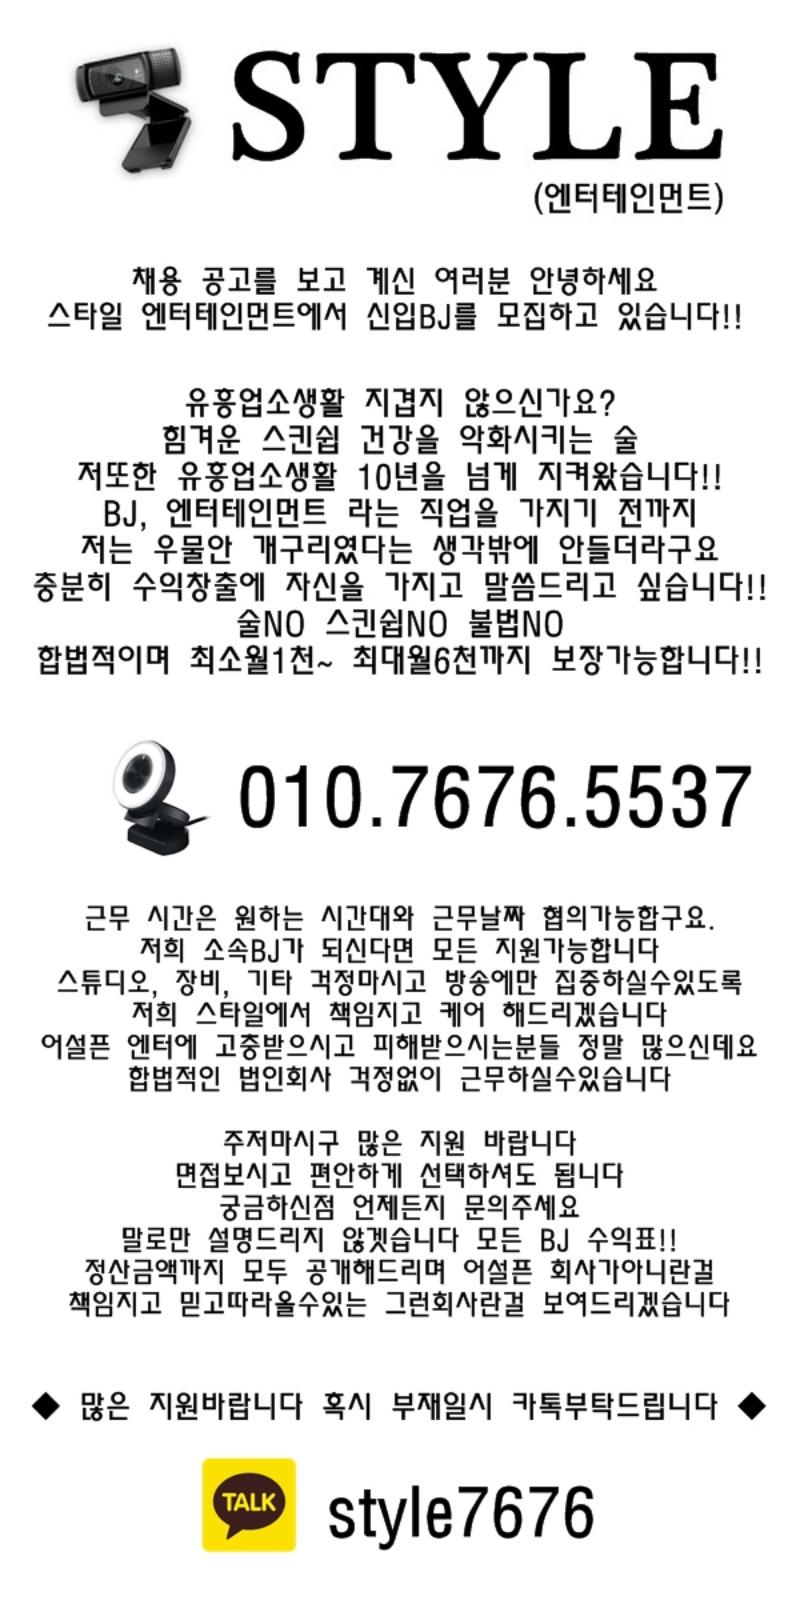 스타일엔터테이먼트 소개글입니다